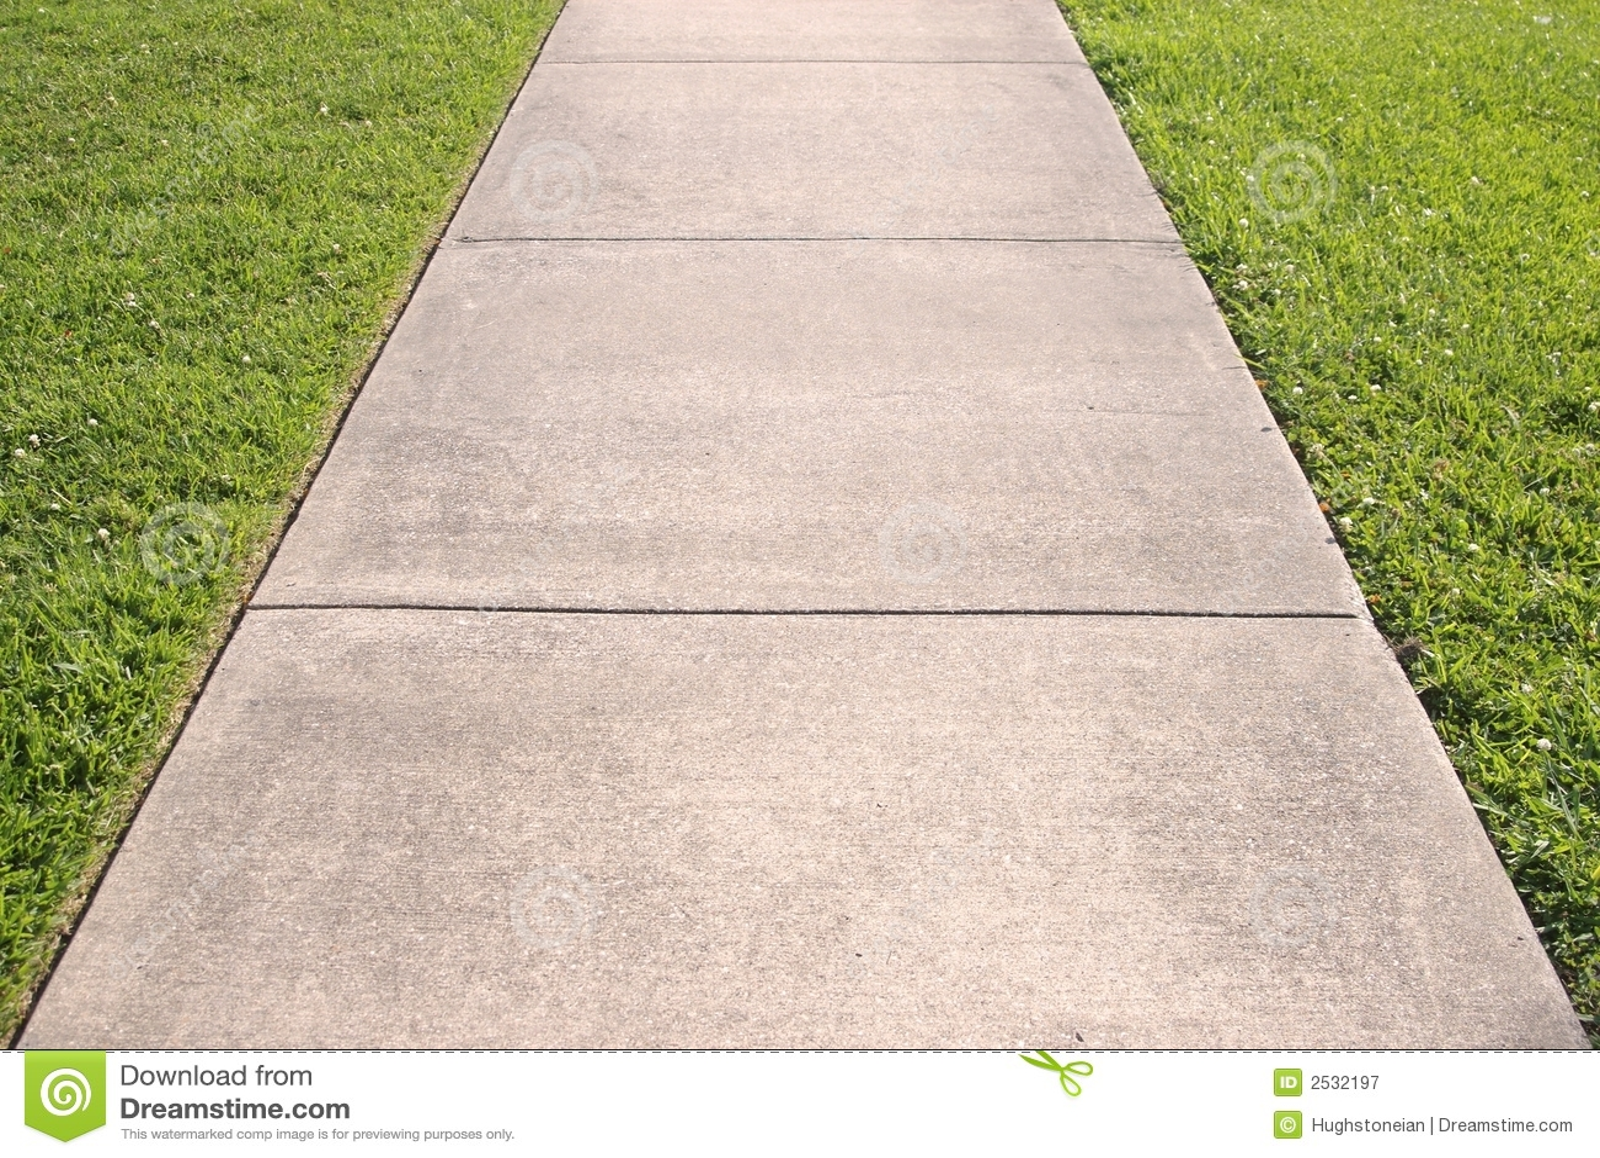 Auszug des Bürgersteigs und des Grases